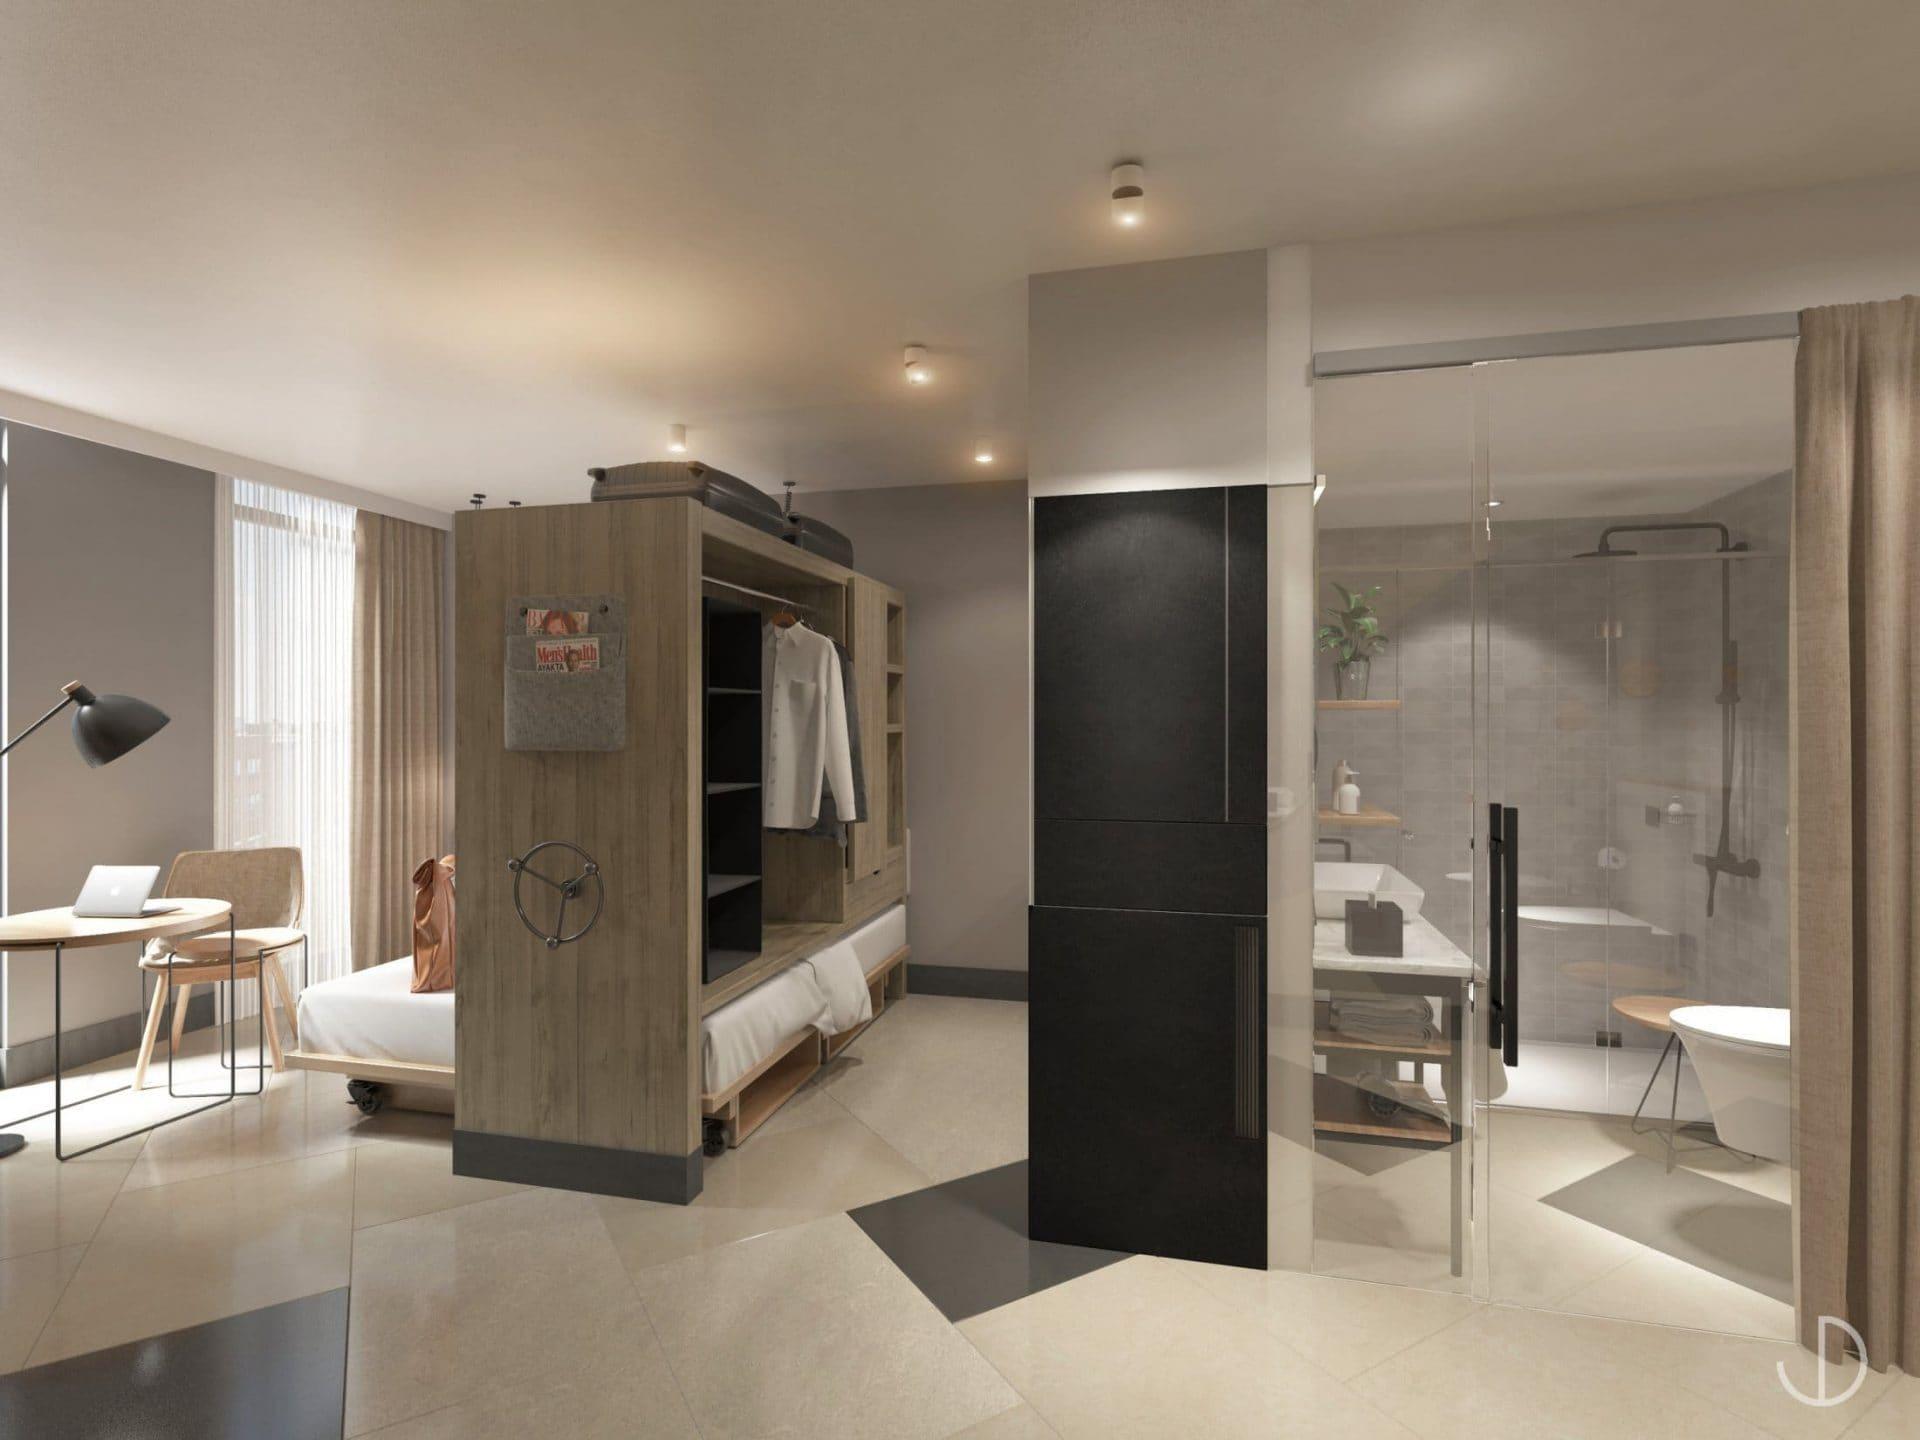 Kooook suites with hideaway kitchen